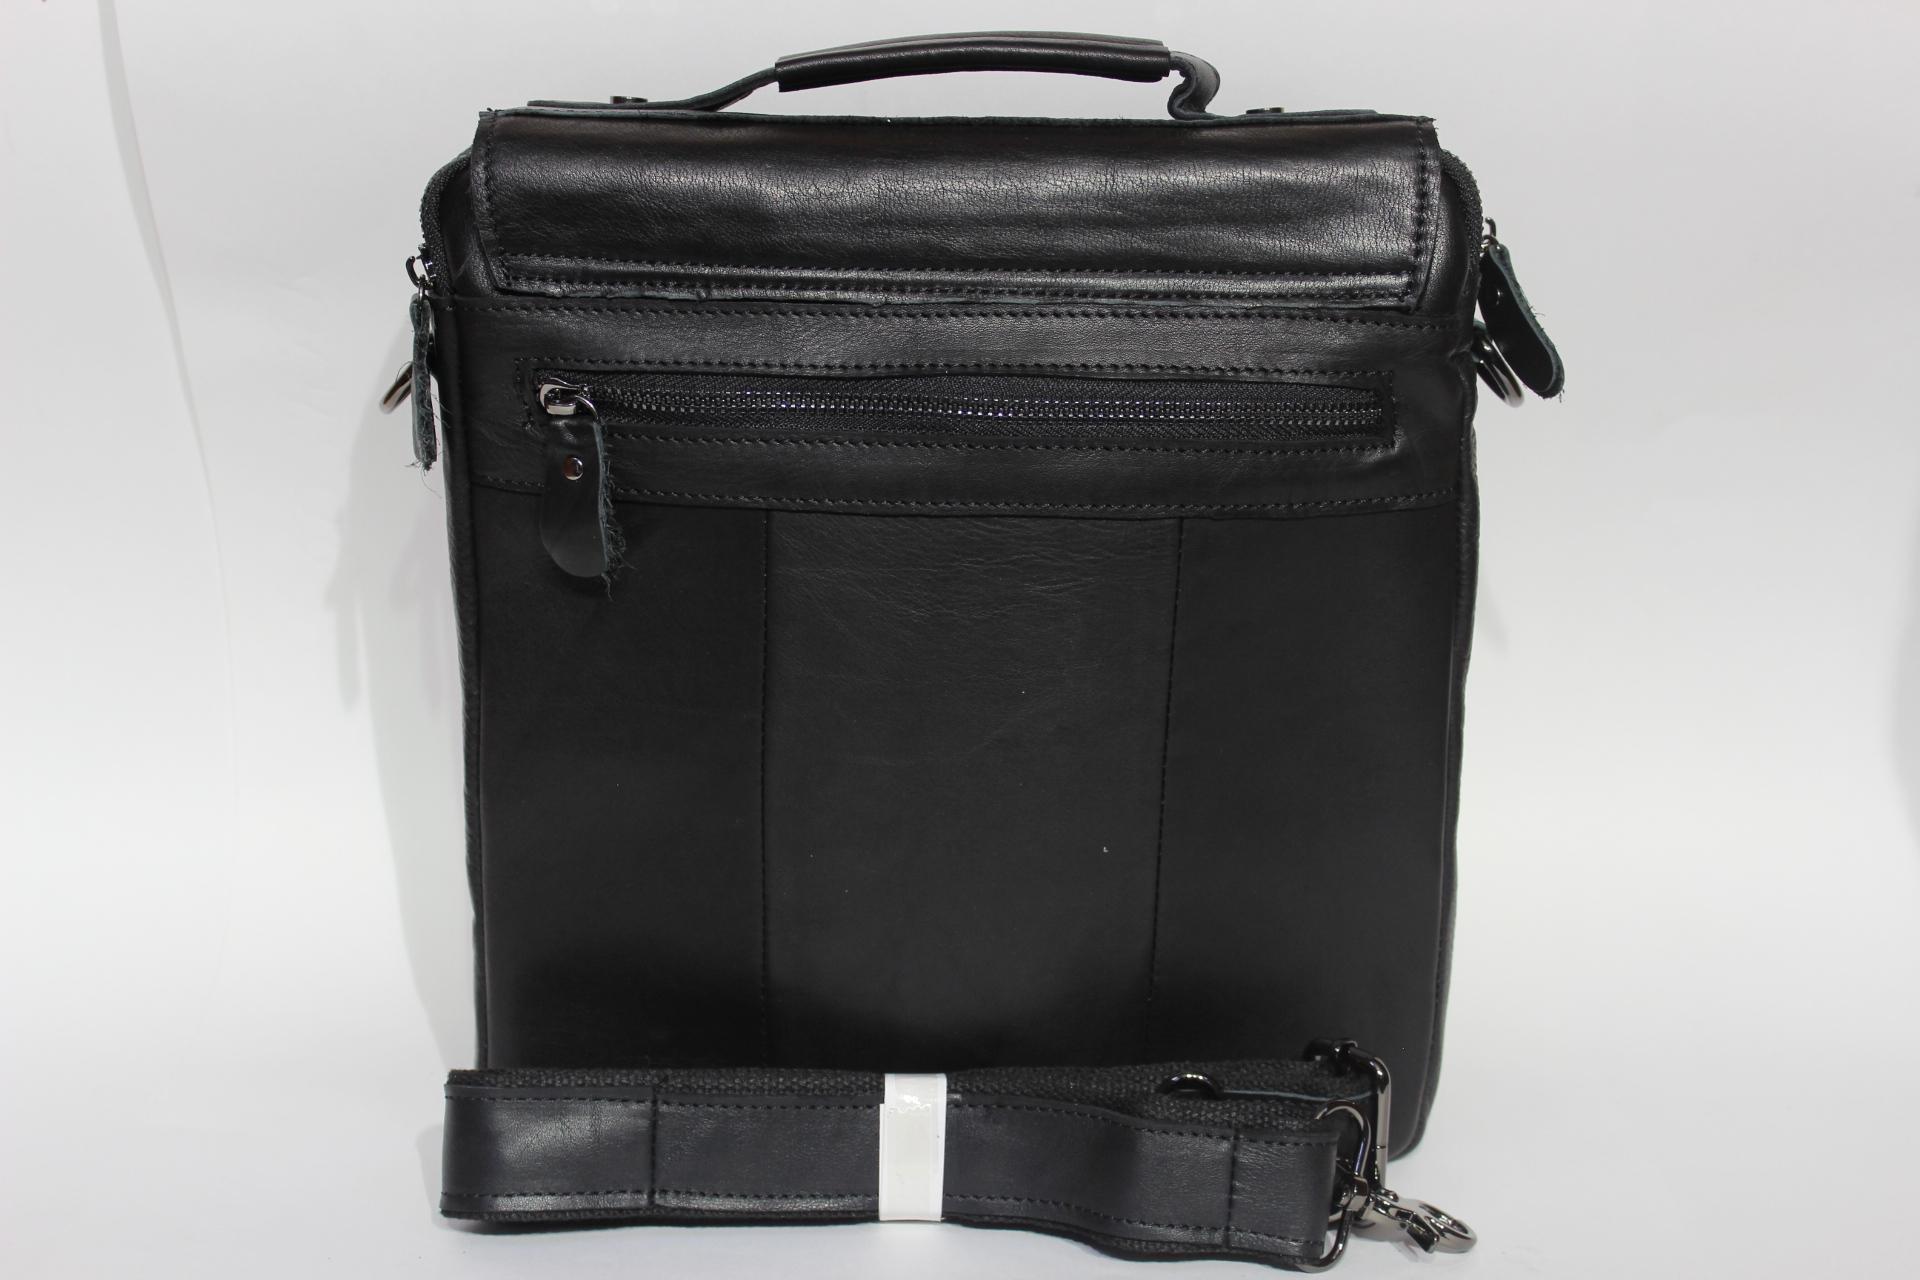 262d5d94aa50 Сумка, натуральная кожа, CANADA (канада) черный - Купить недорого